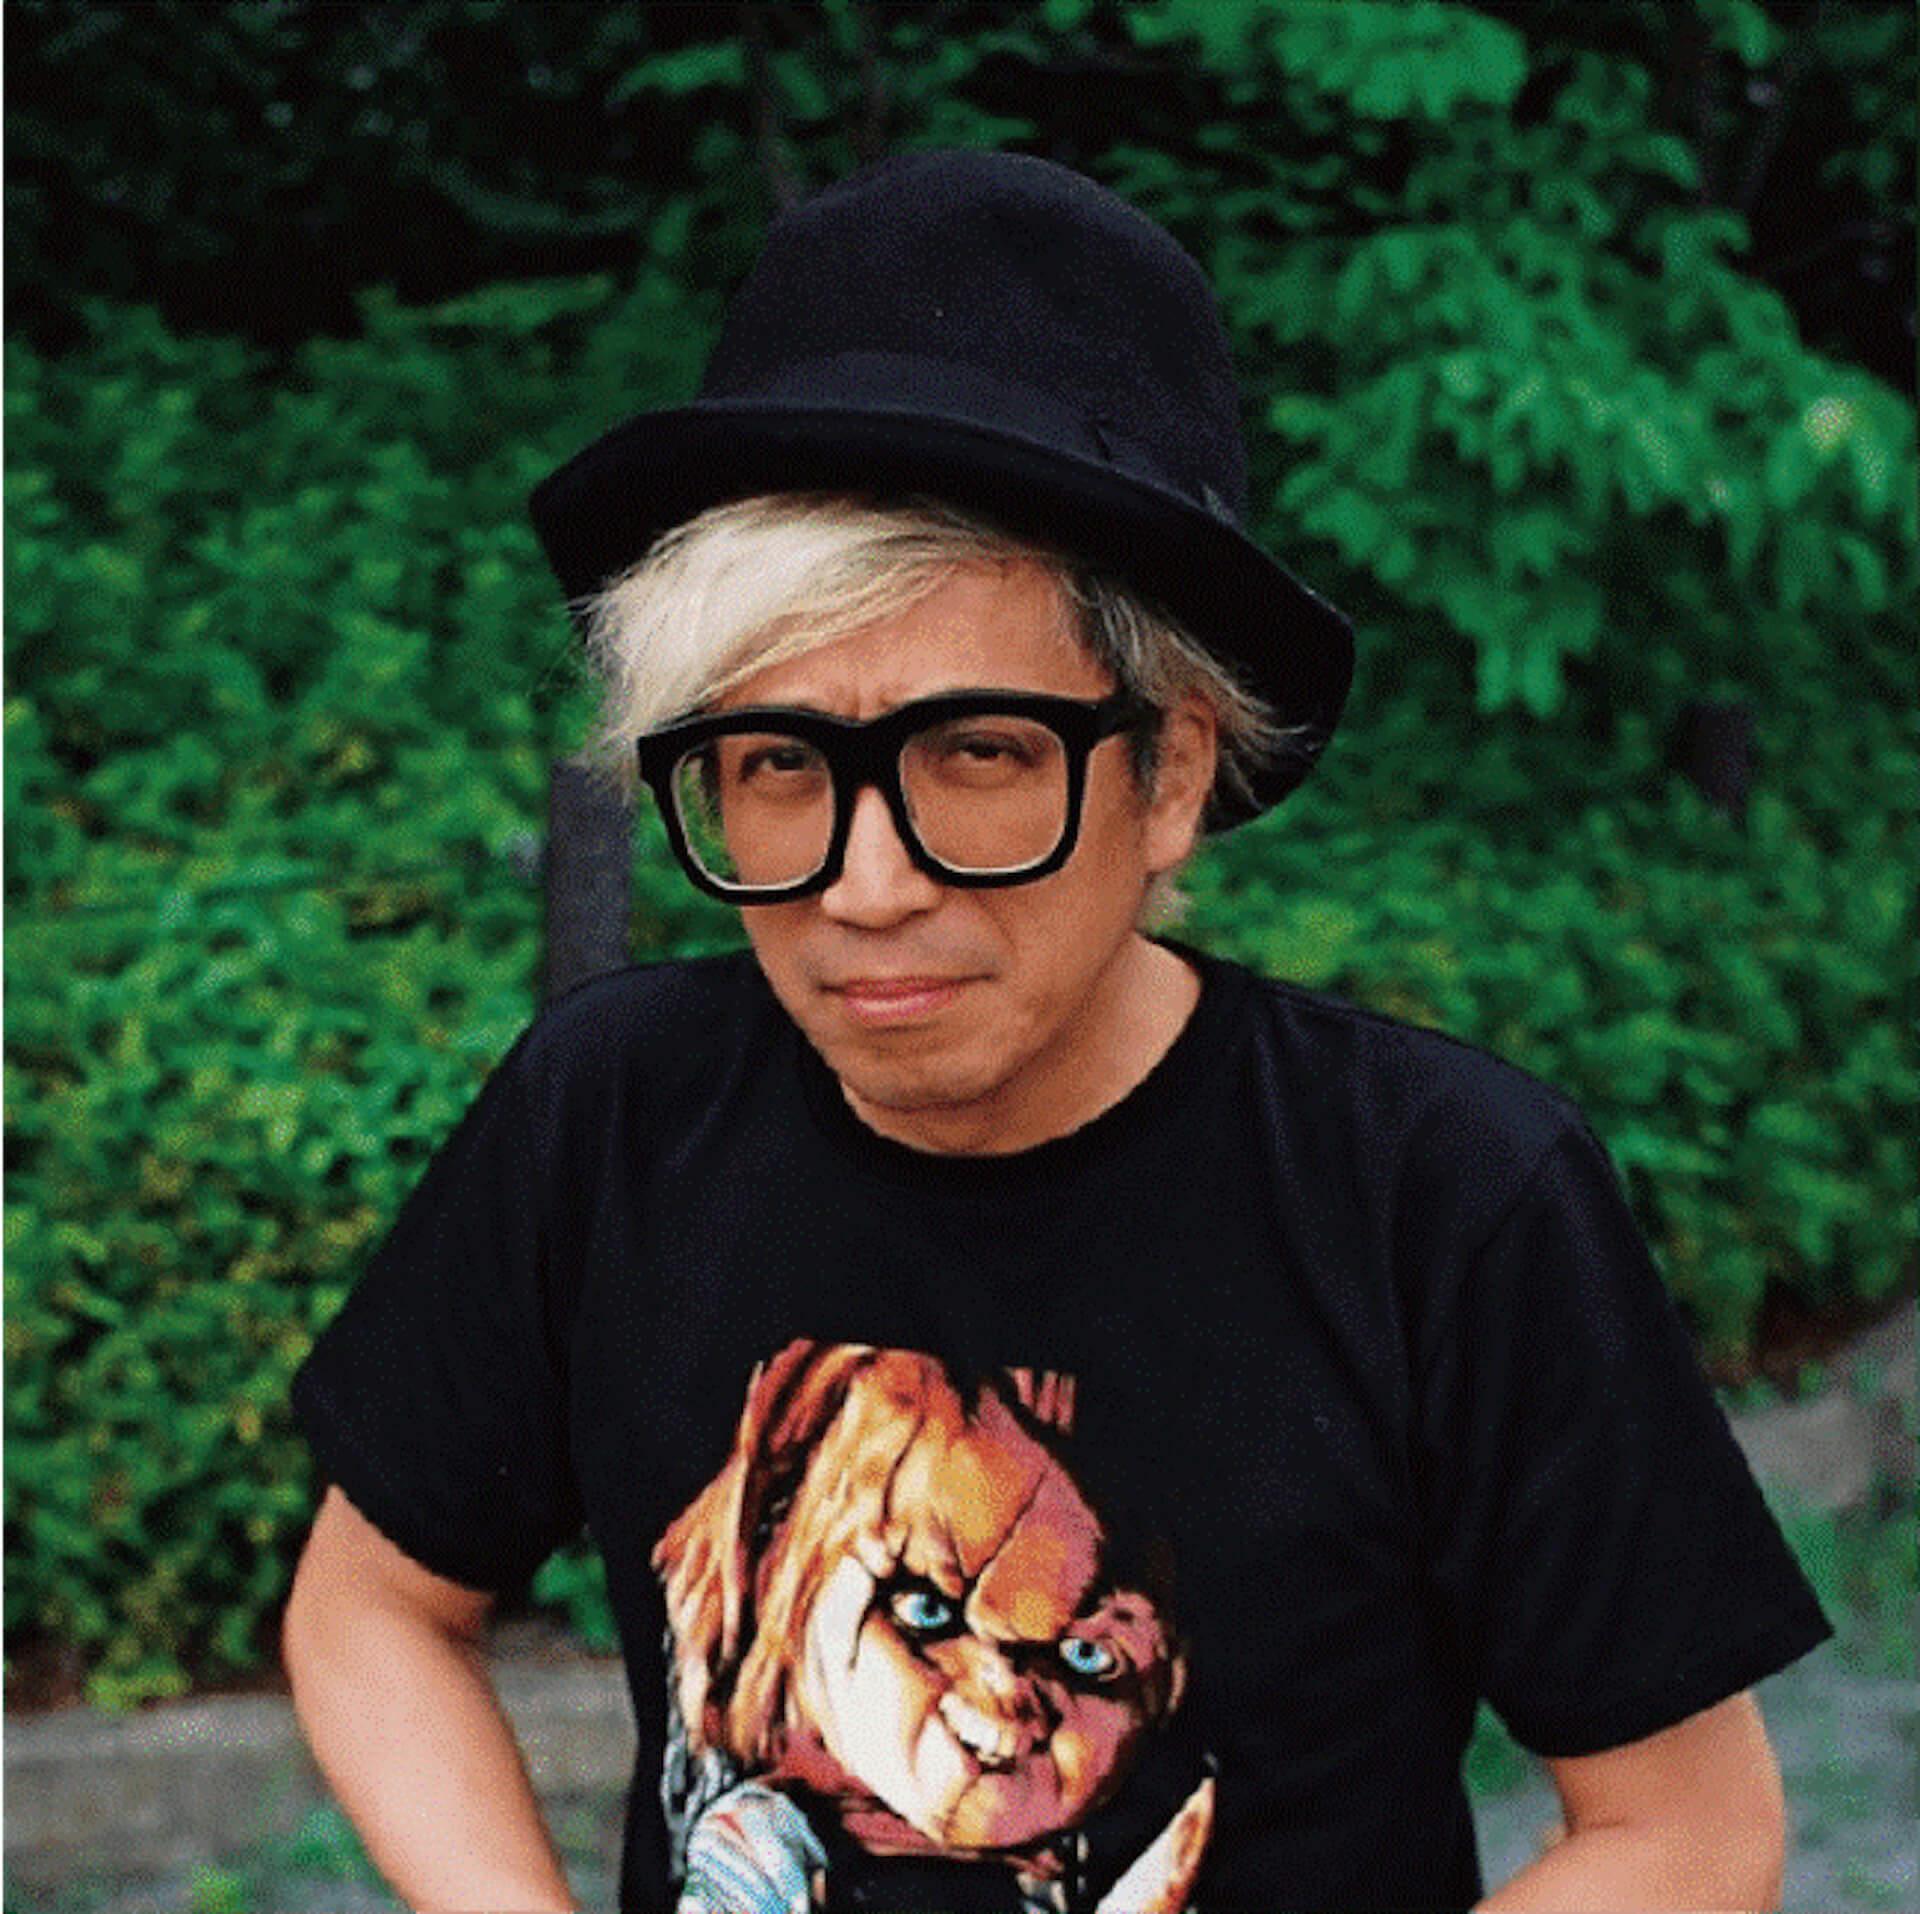 高機能マスクをファッションに!ファッションマスクに特化したECサイト「MASK WEAR TOKYO」がローンチ life200615_maskwear_11